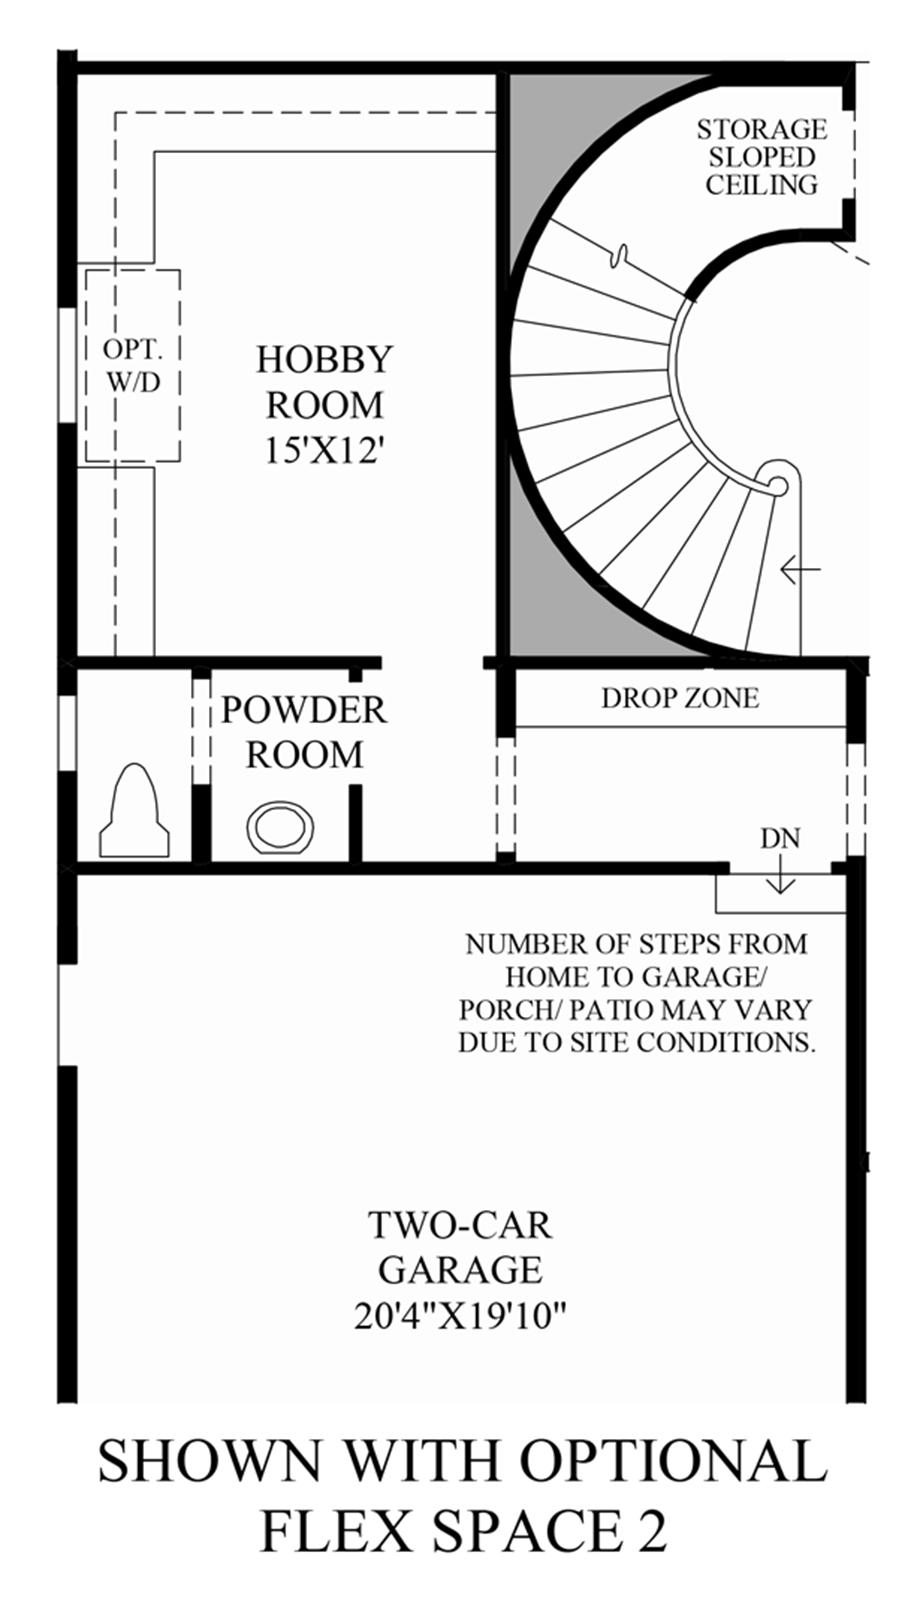 Optional Flex Space 2 Floor Plan